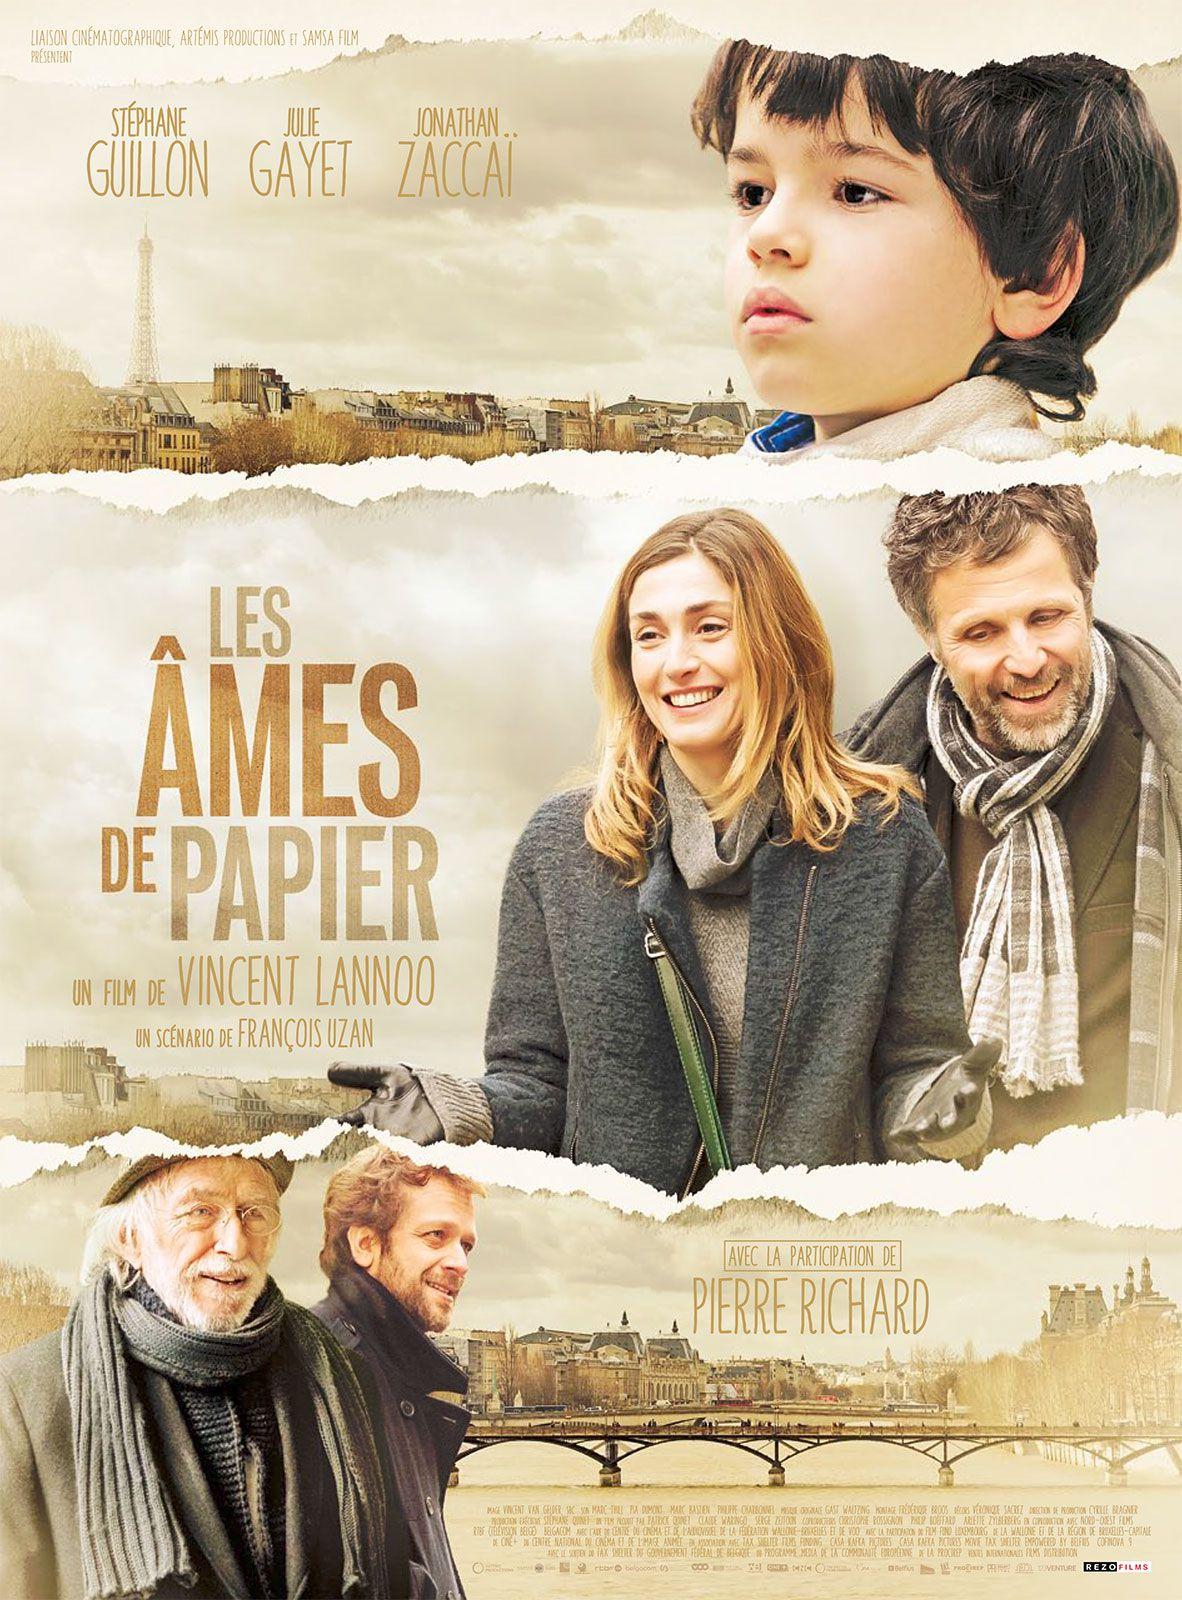 Les Âmes de papier - Film (2013)